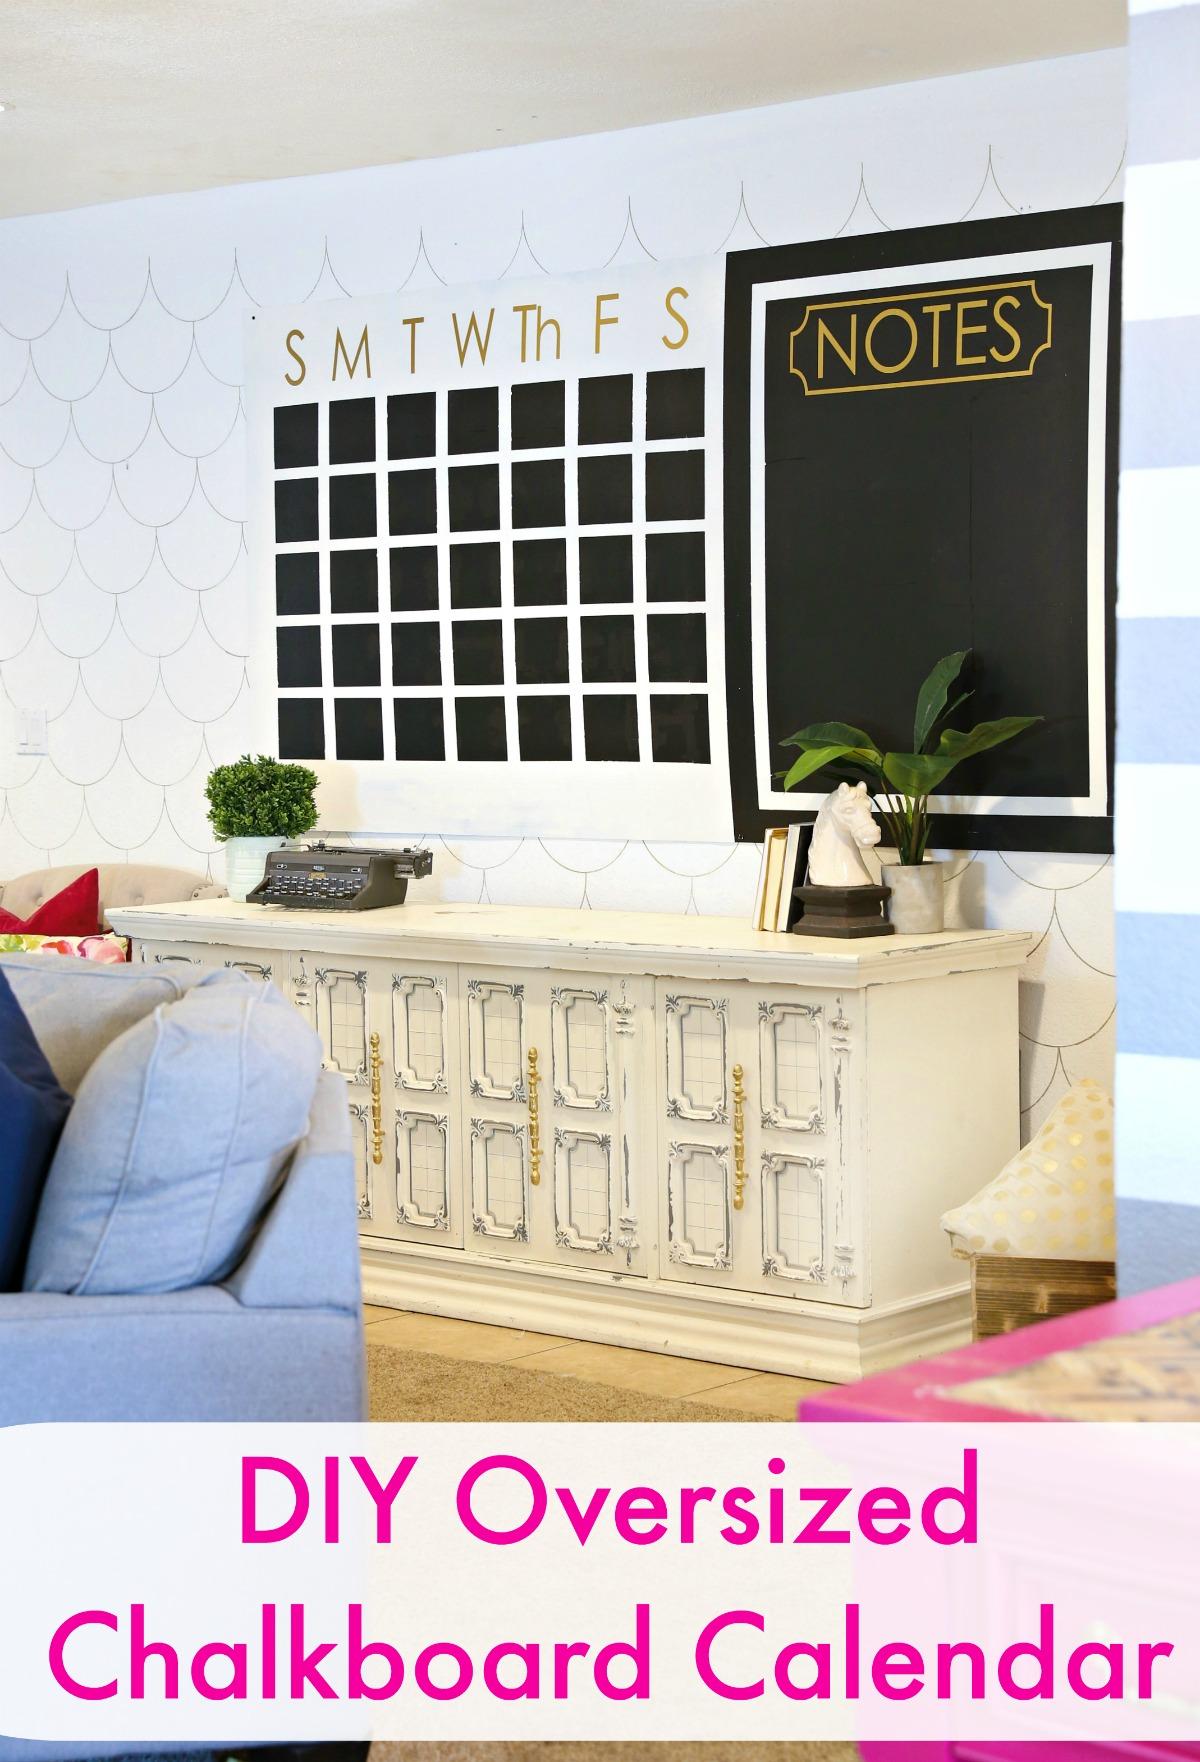 DIY Oversized Chalkboard Calendar - www.classyclutter.net